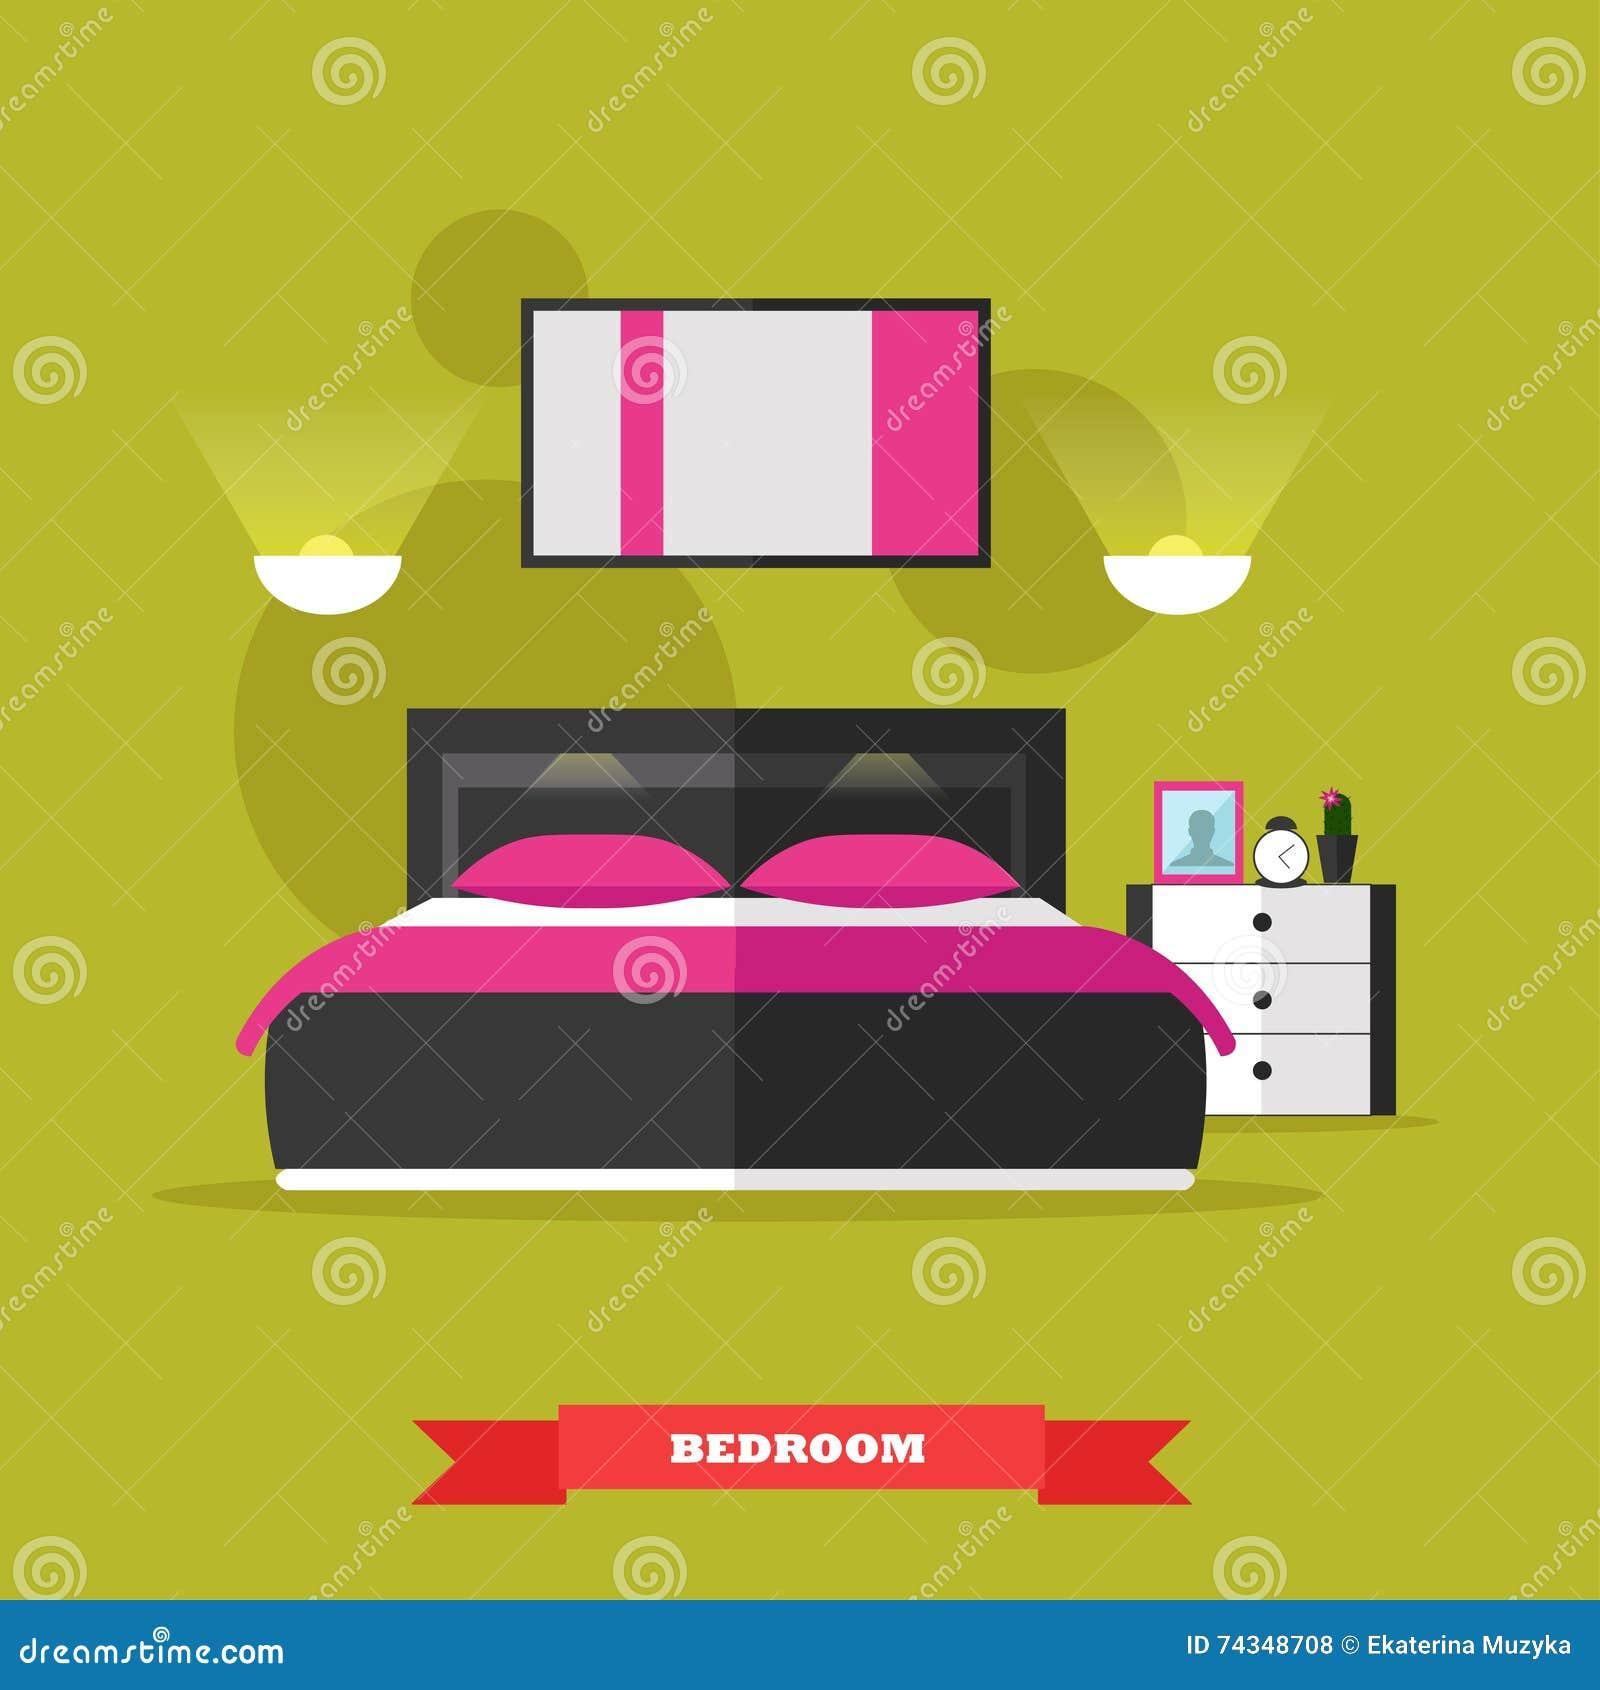 Bedroom Interior Flat Vector Illustration Vector